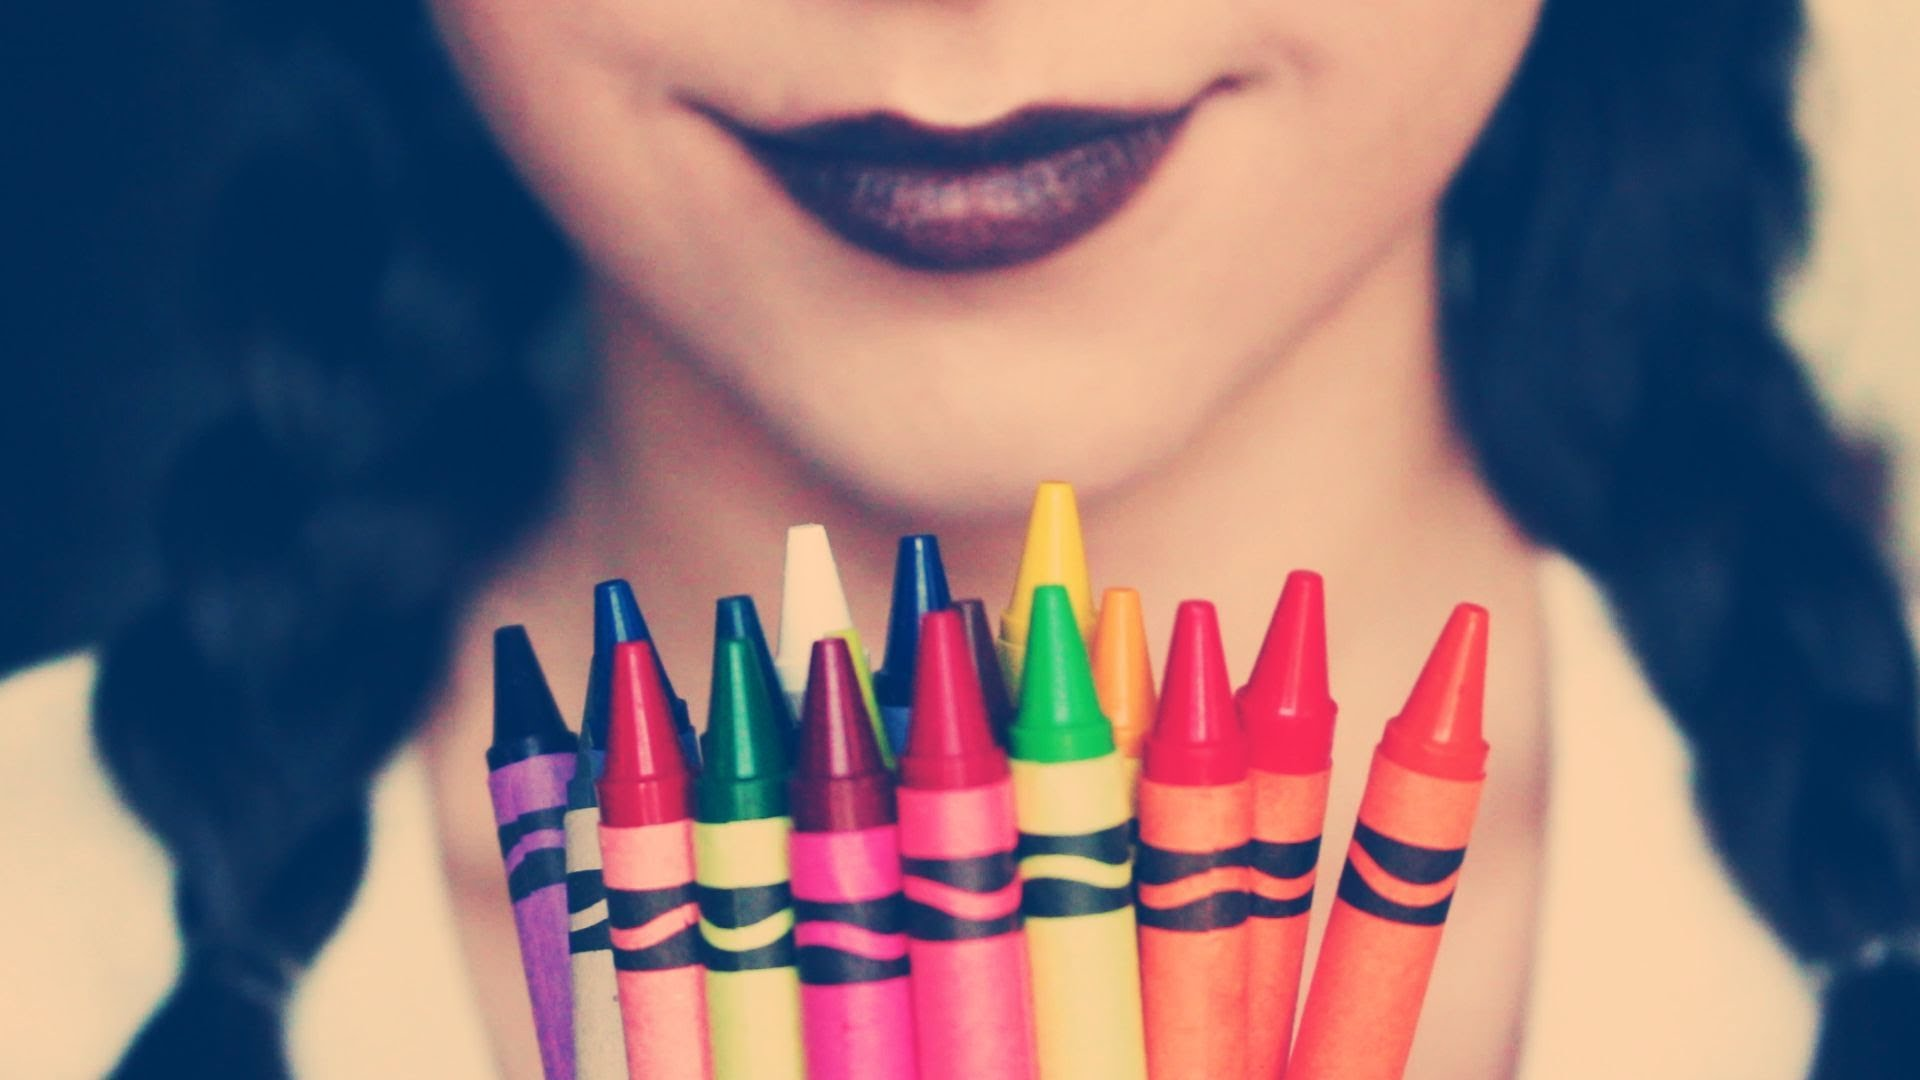 La peligrosa moda de maquillarse con lápices de colores